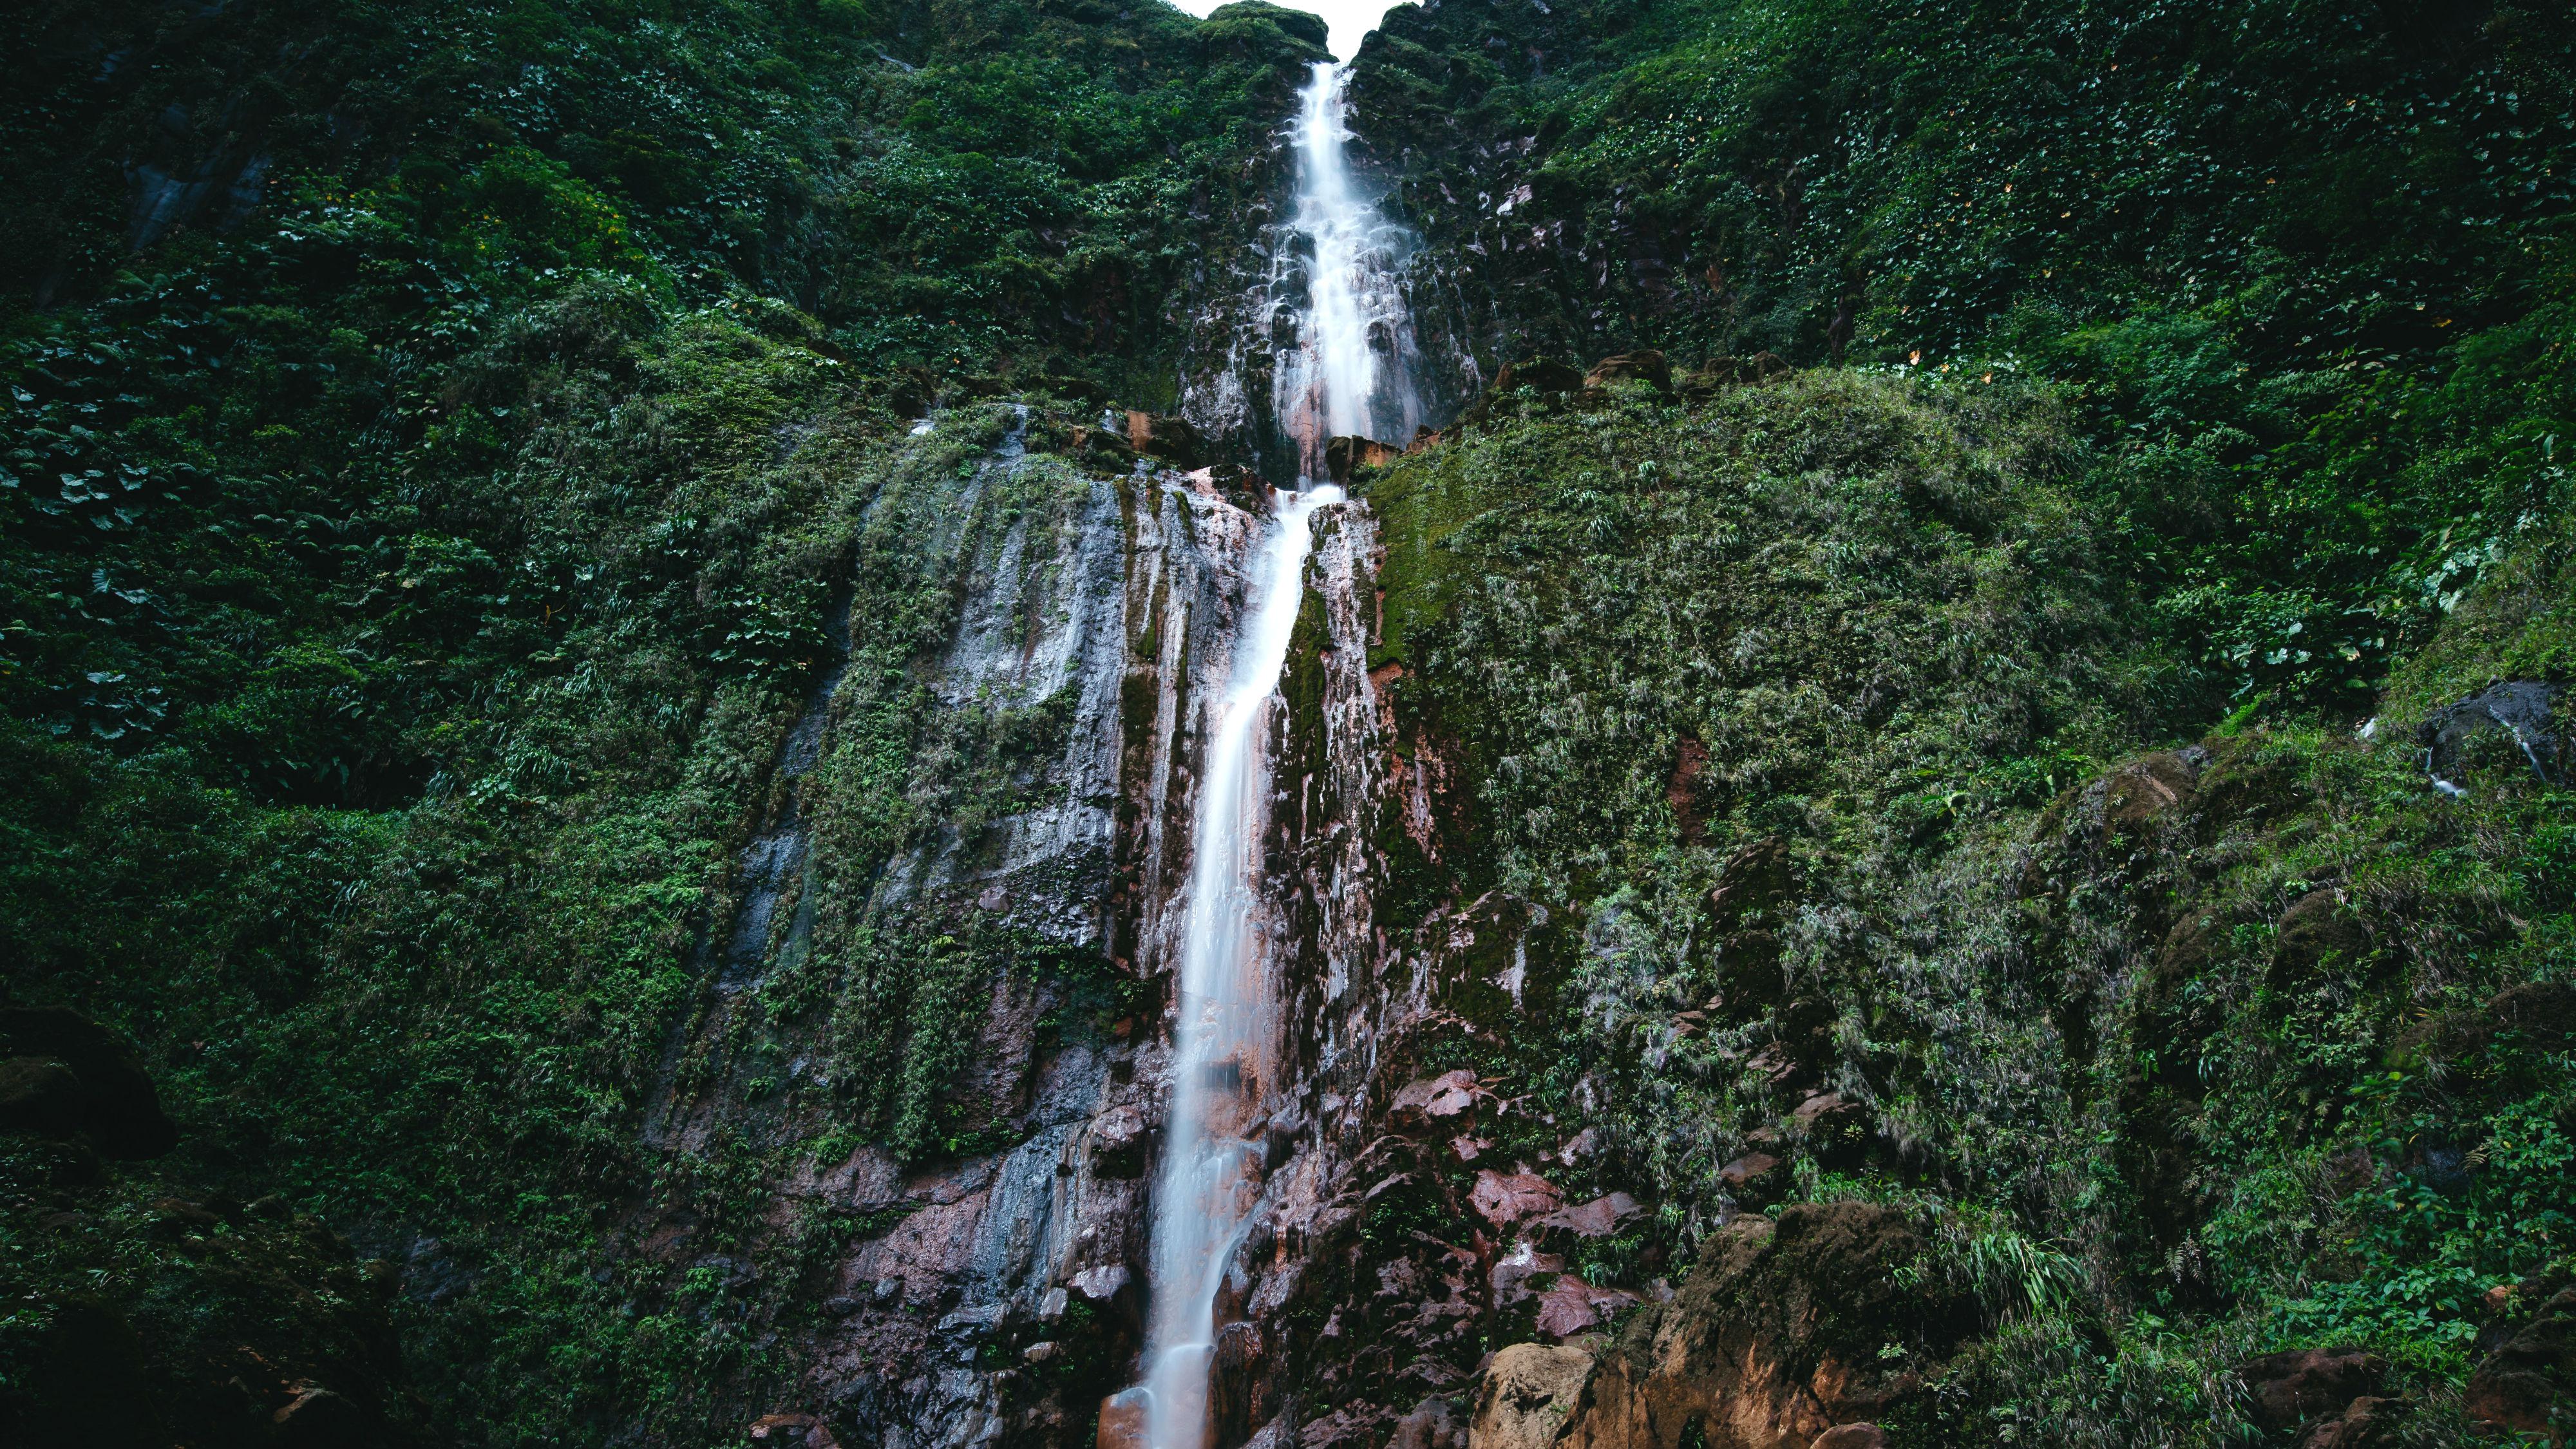 Ein Highlight auf Guadeloupe sind die gigantischen Wasserfälle, die sich in die Tiefe stürzen